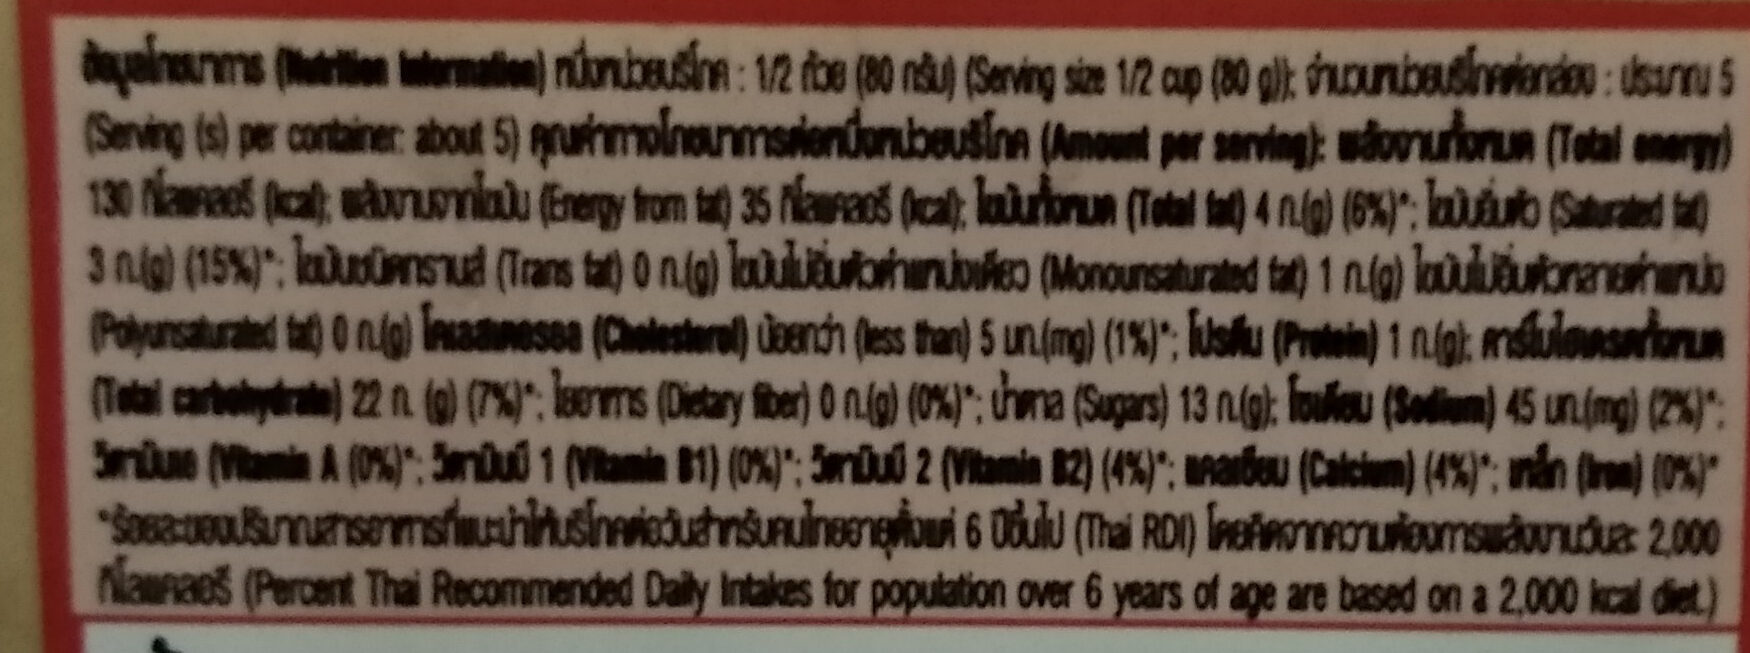 ไอศครีมรวมมิตร - Nutrition facts